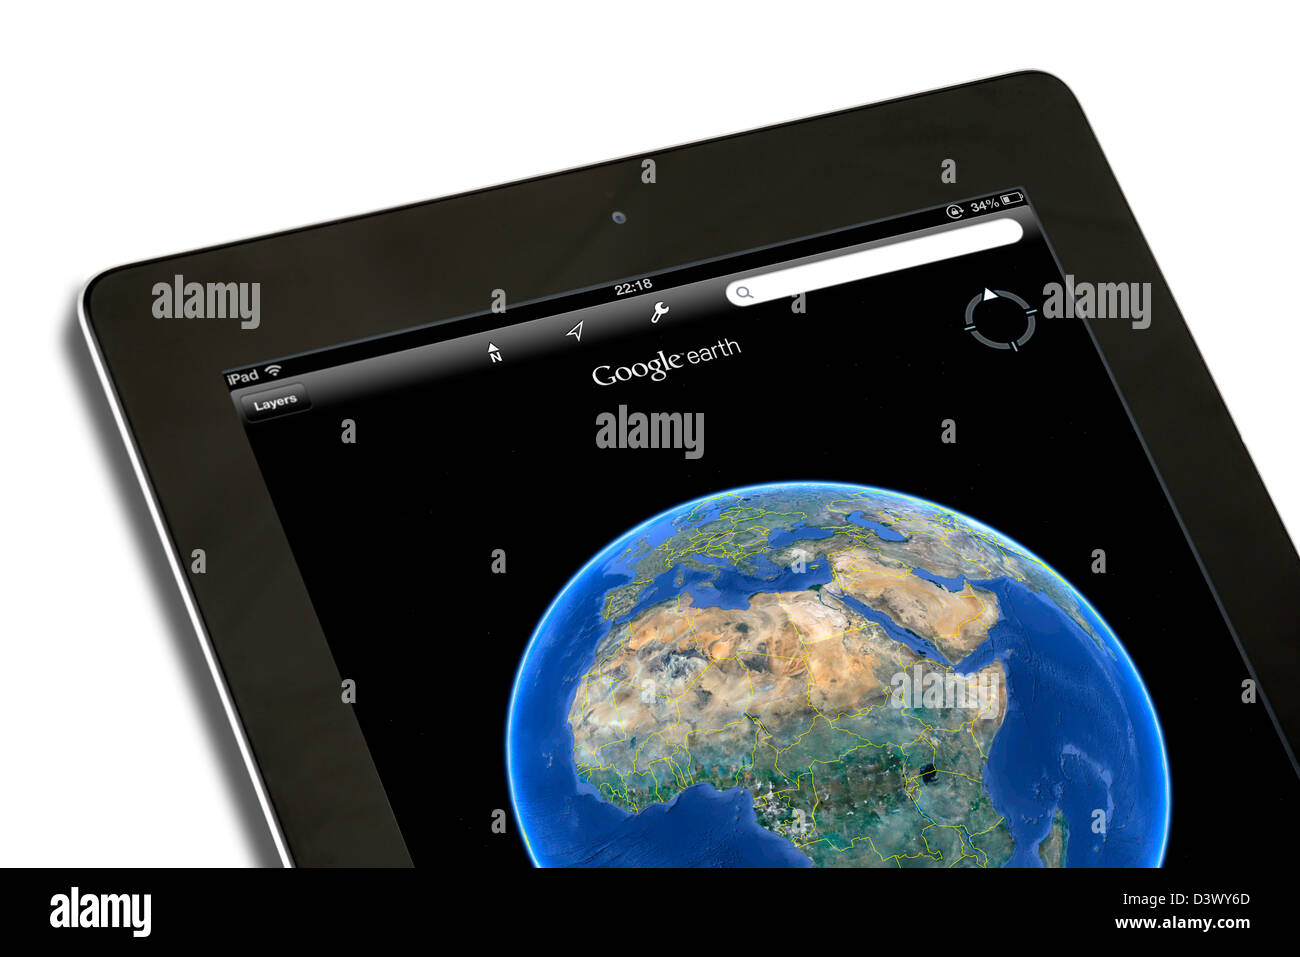 GoogleEarth auf dem iPad eine 4. Generation betrachtet Stockbild